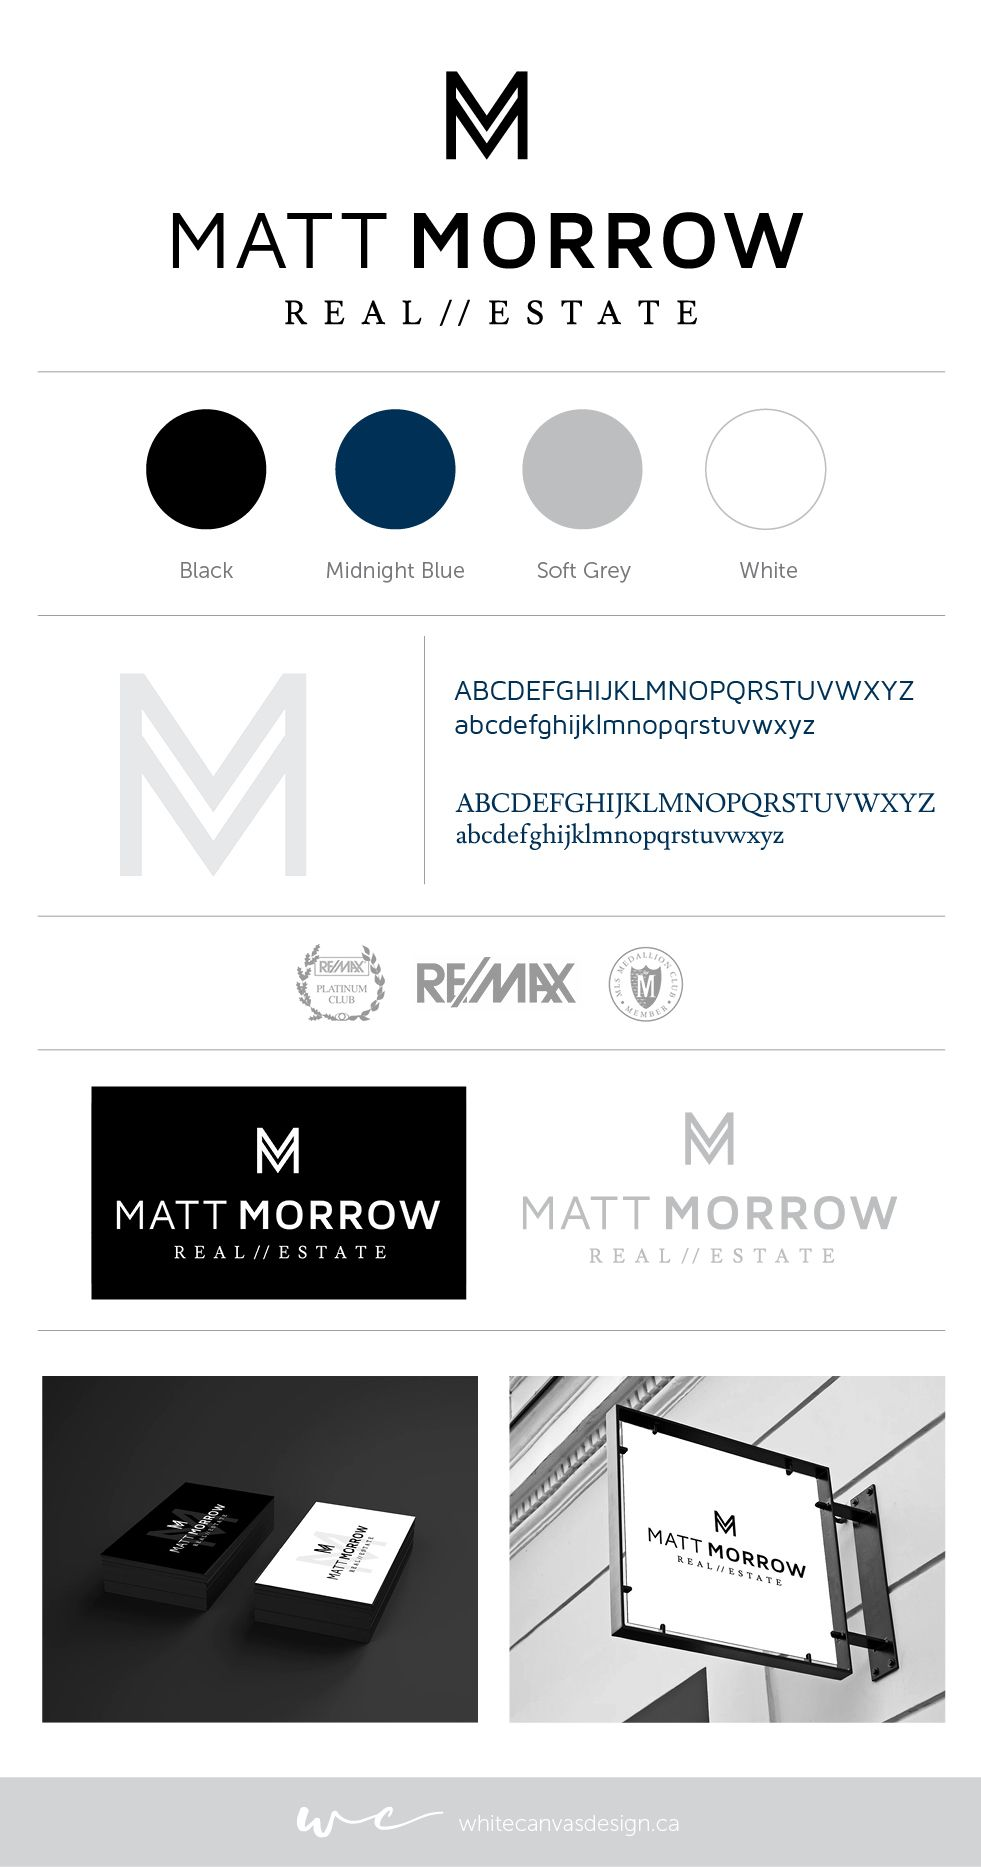 Logo, brand + identity for Matt Morrow Real Estate